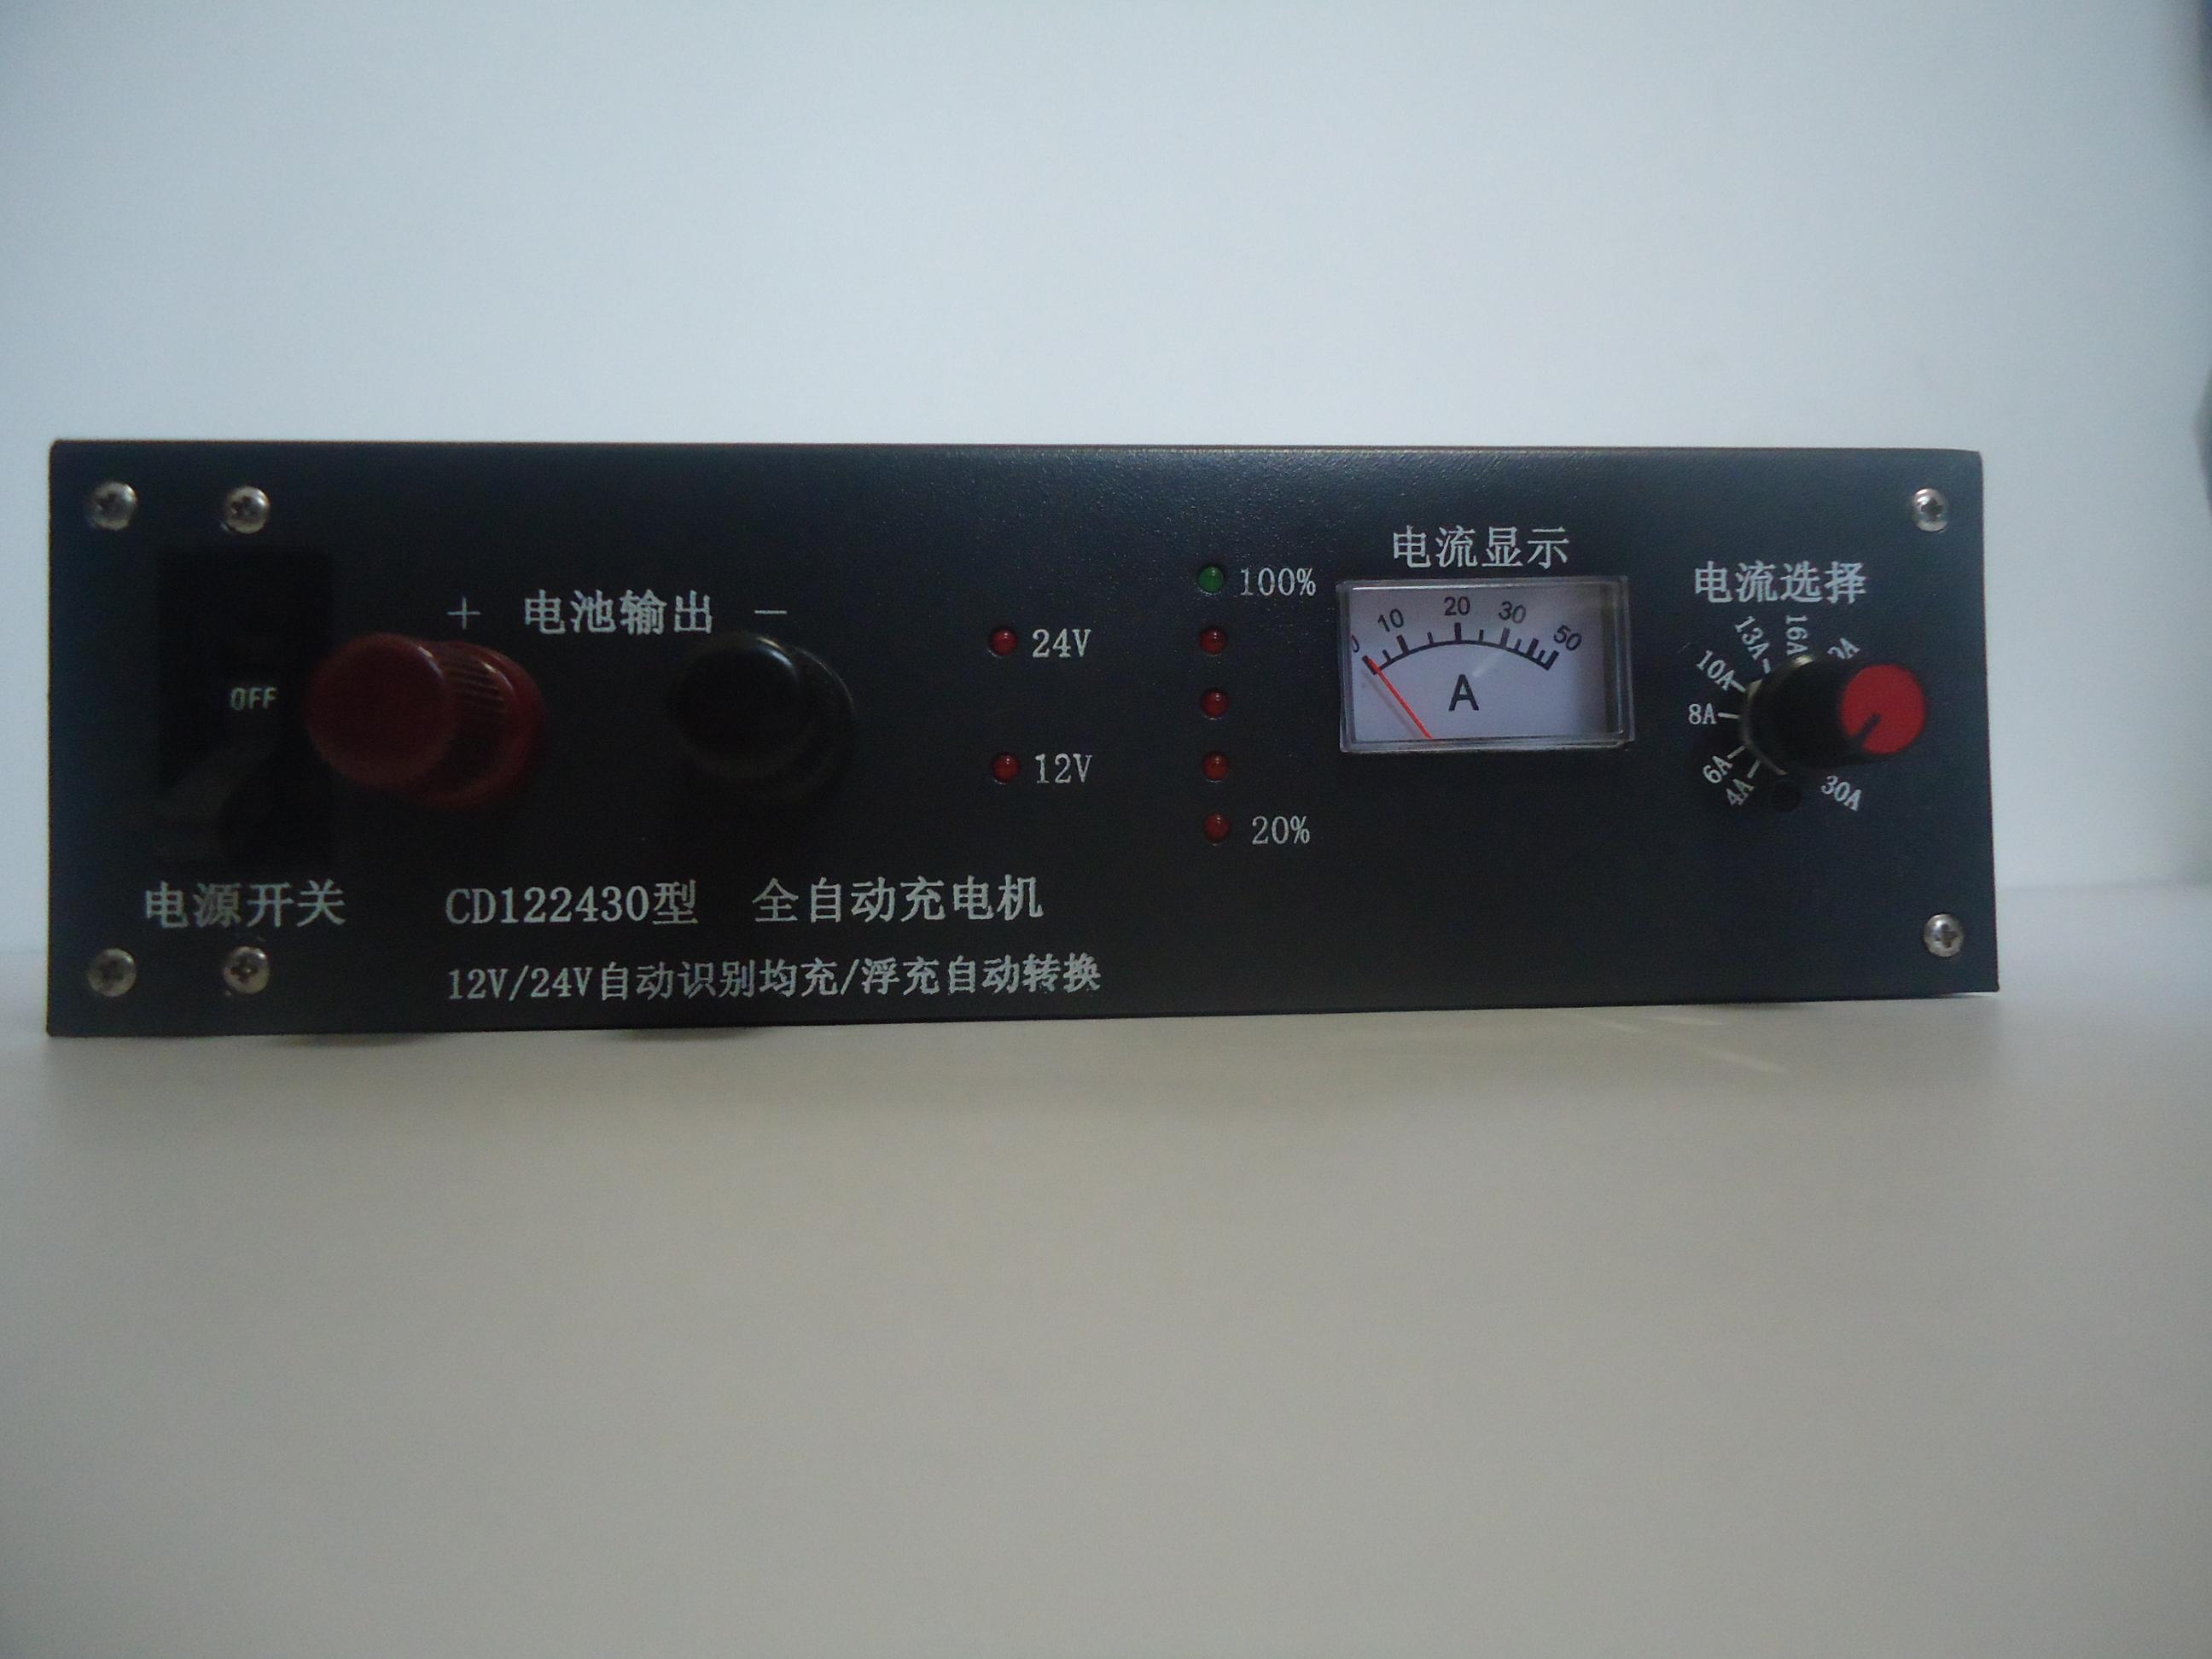 12v24v30a充电机;全自动充电机;全自动智能充电器